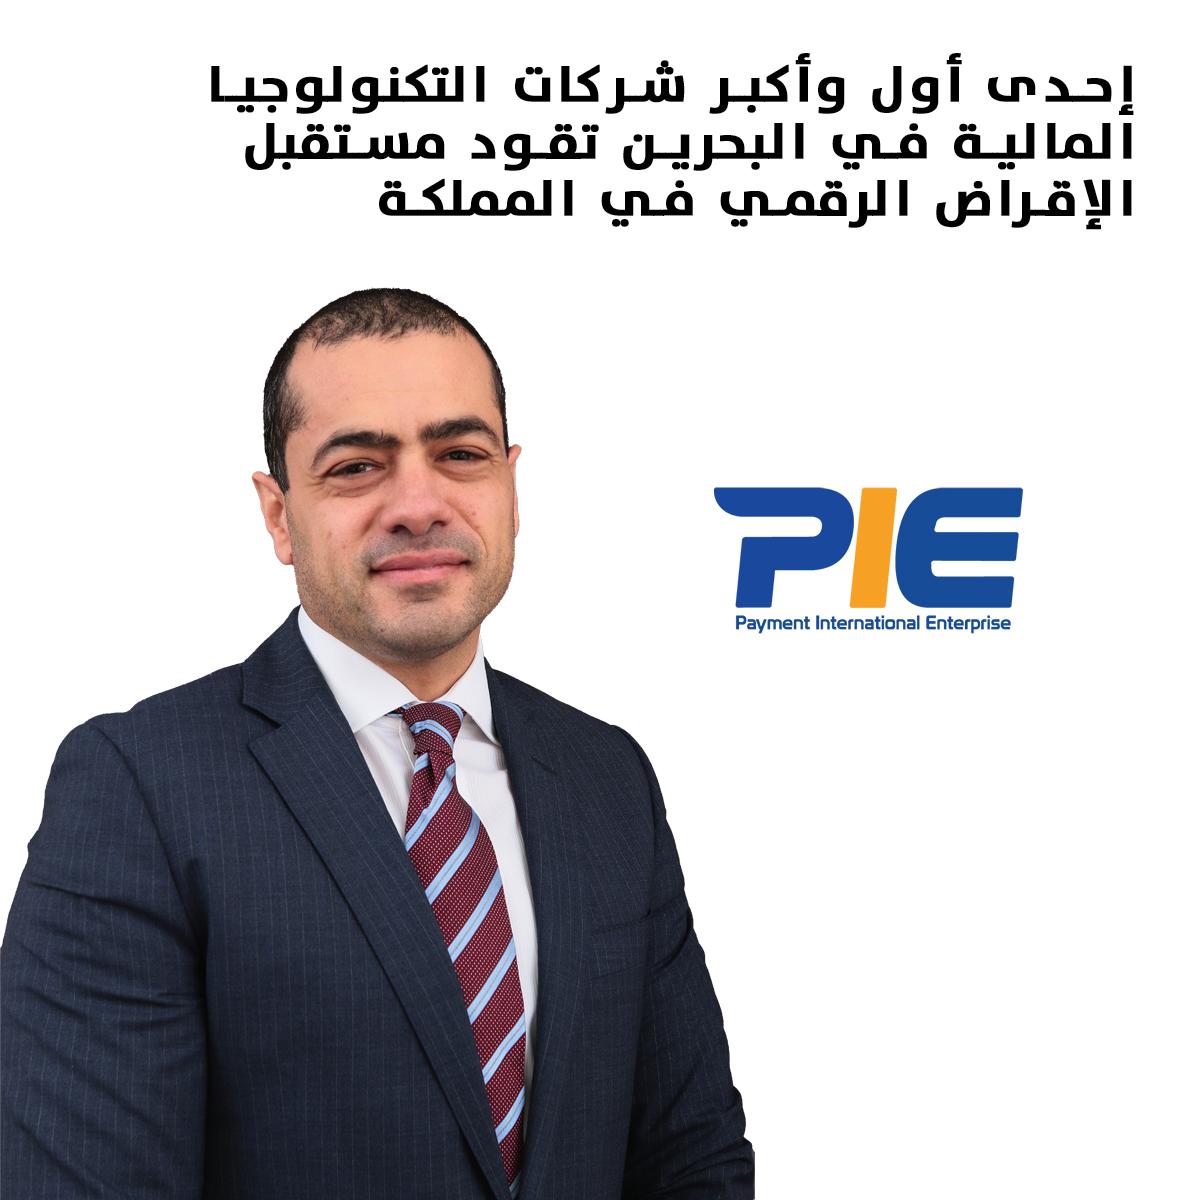 إحدى أول وأكبر شركات التكنولوجيا المالية في البحرين، 'PIE' تقود مستقبل الإقراض الرقمي في المملكة